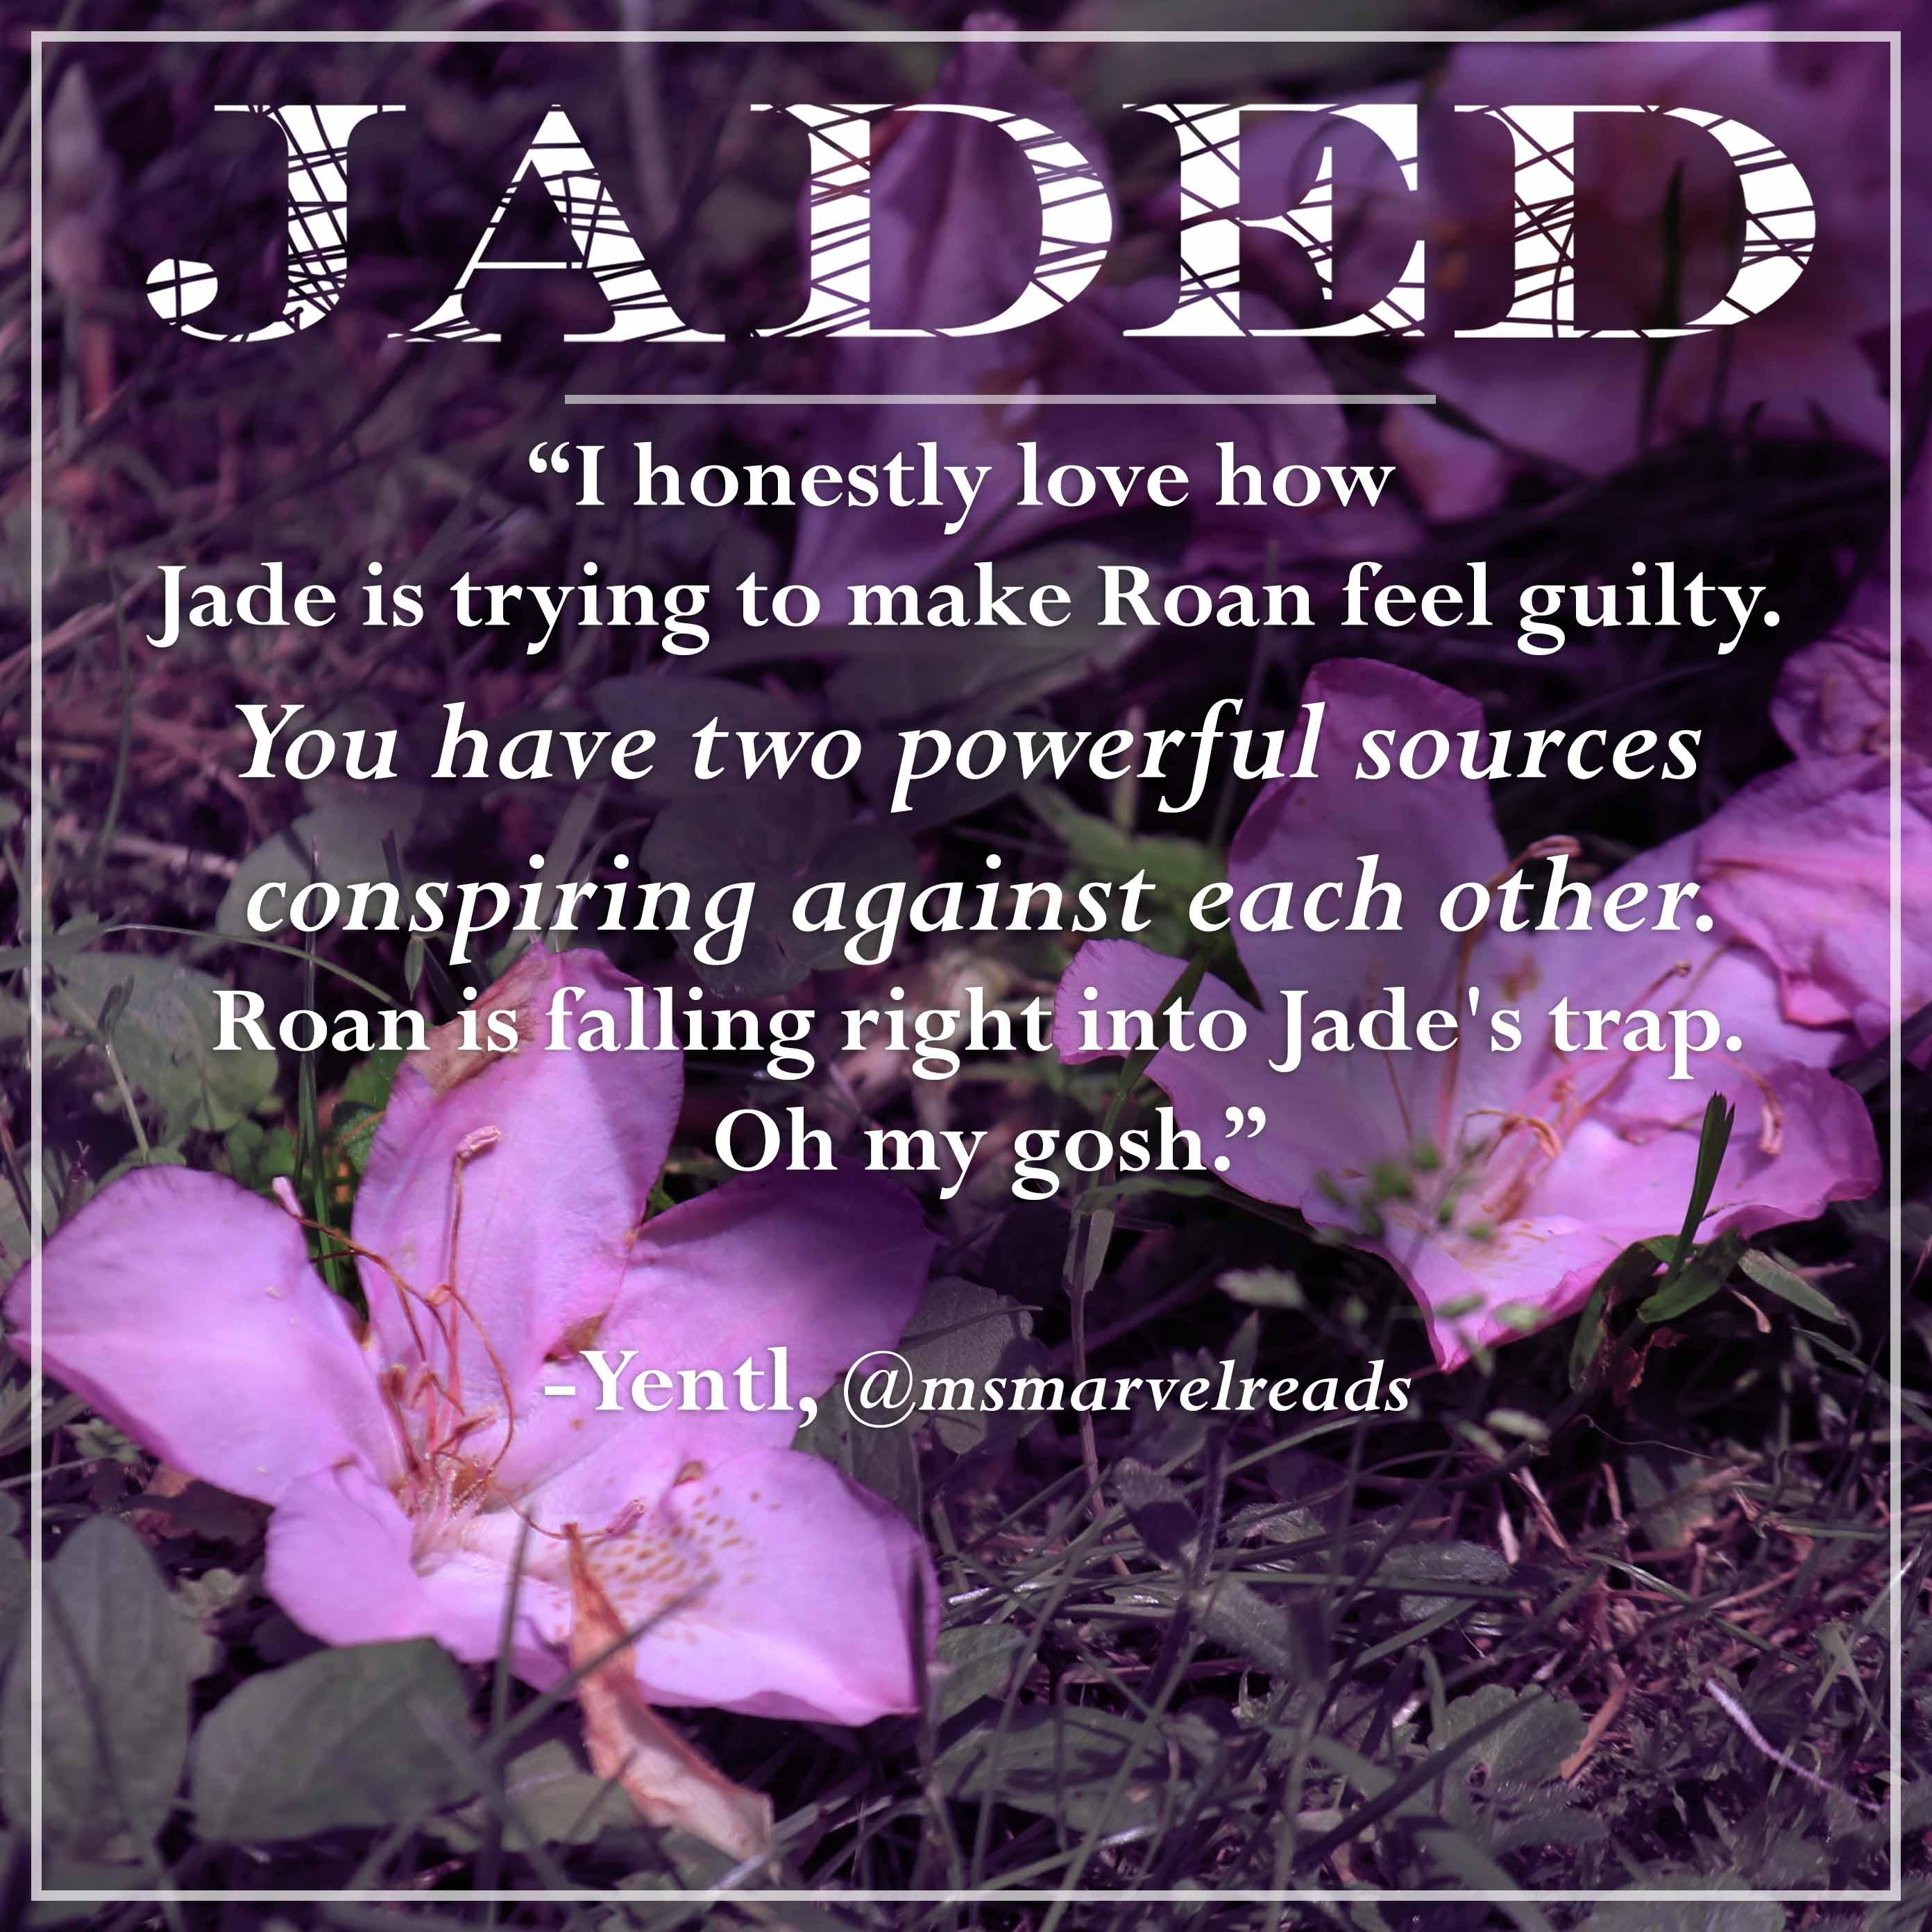 jaded fan quote-yentl 3